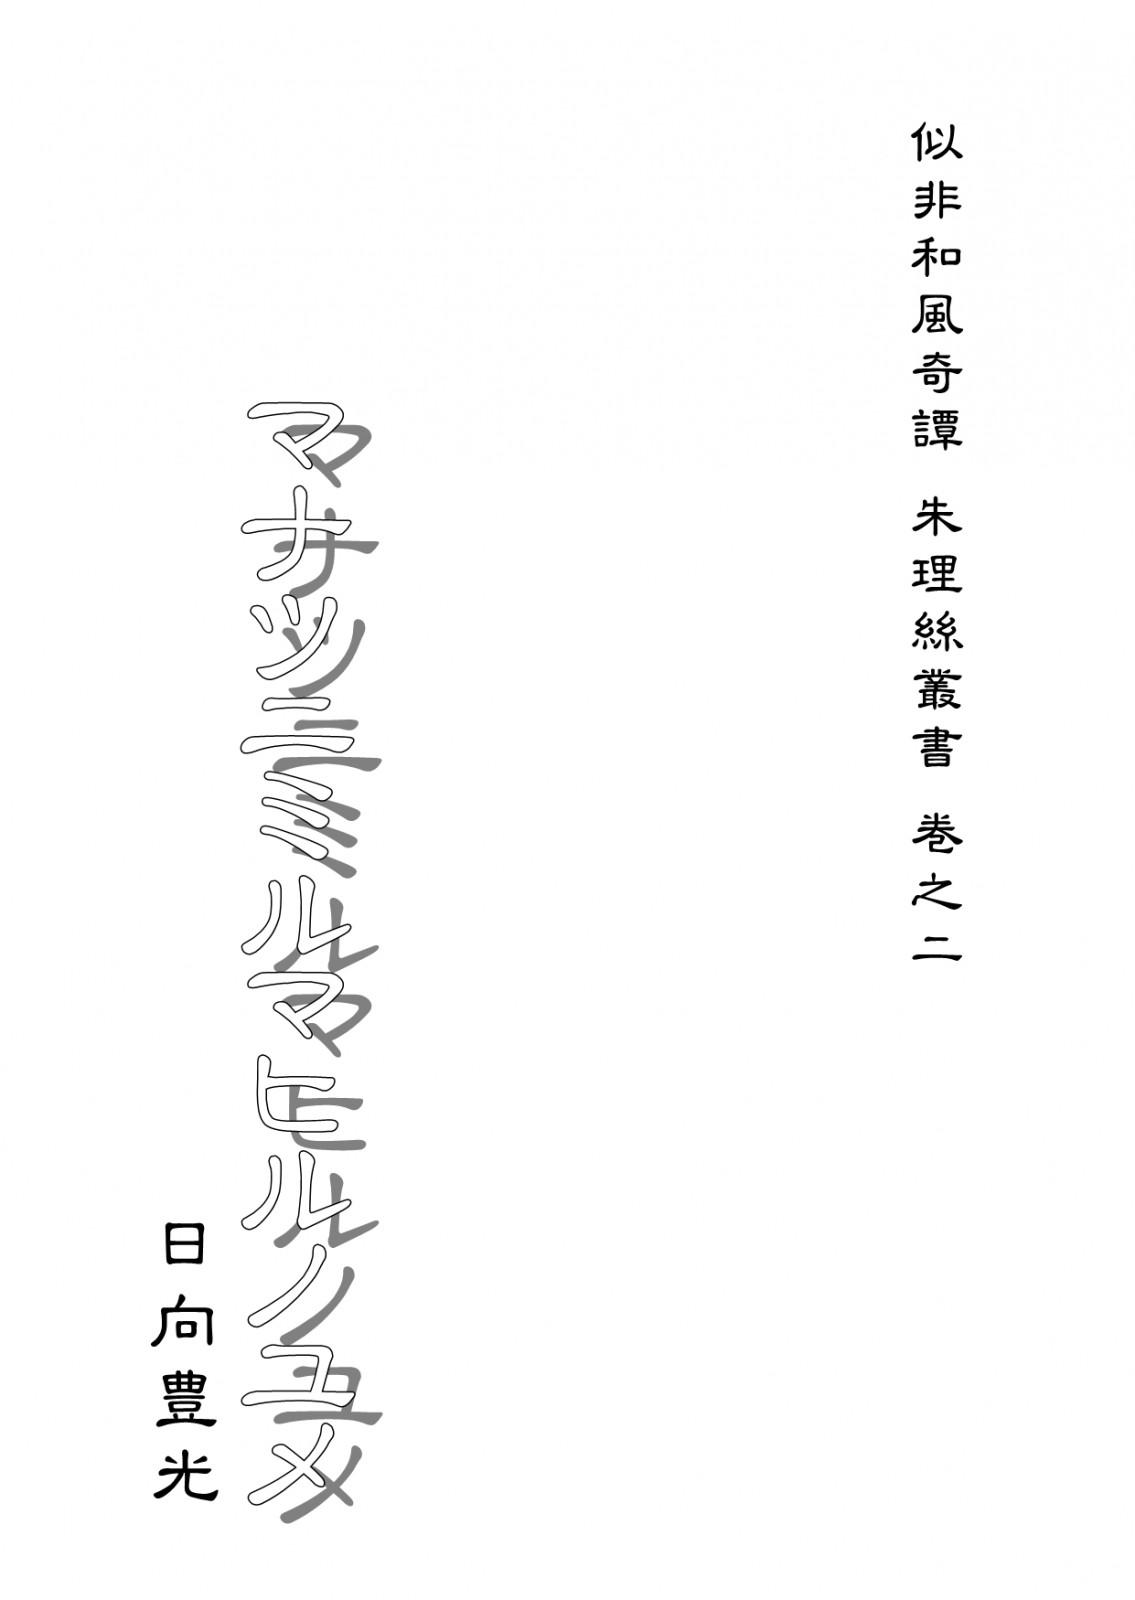 マナツニミルマヒルノユメのサンプル画像1